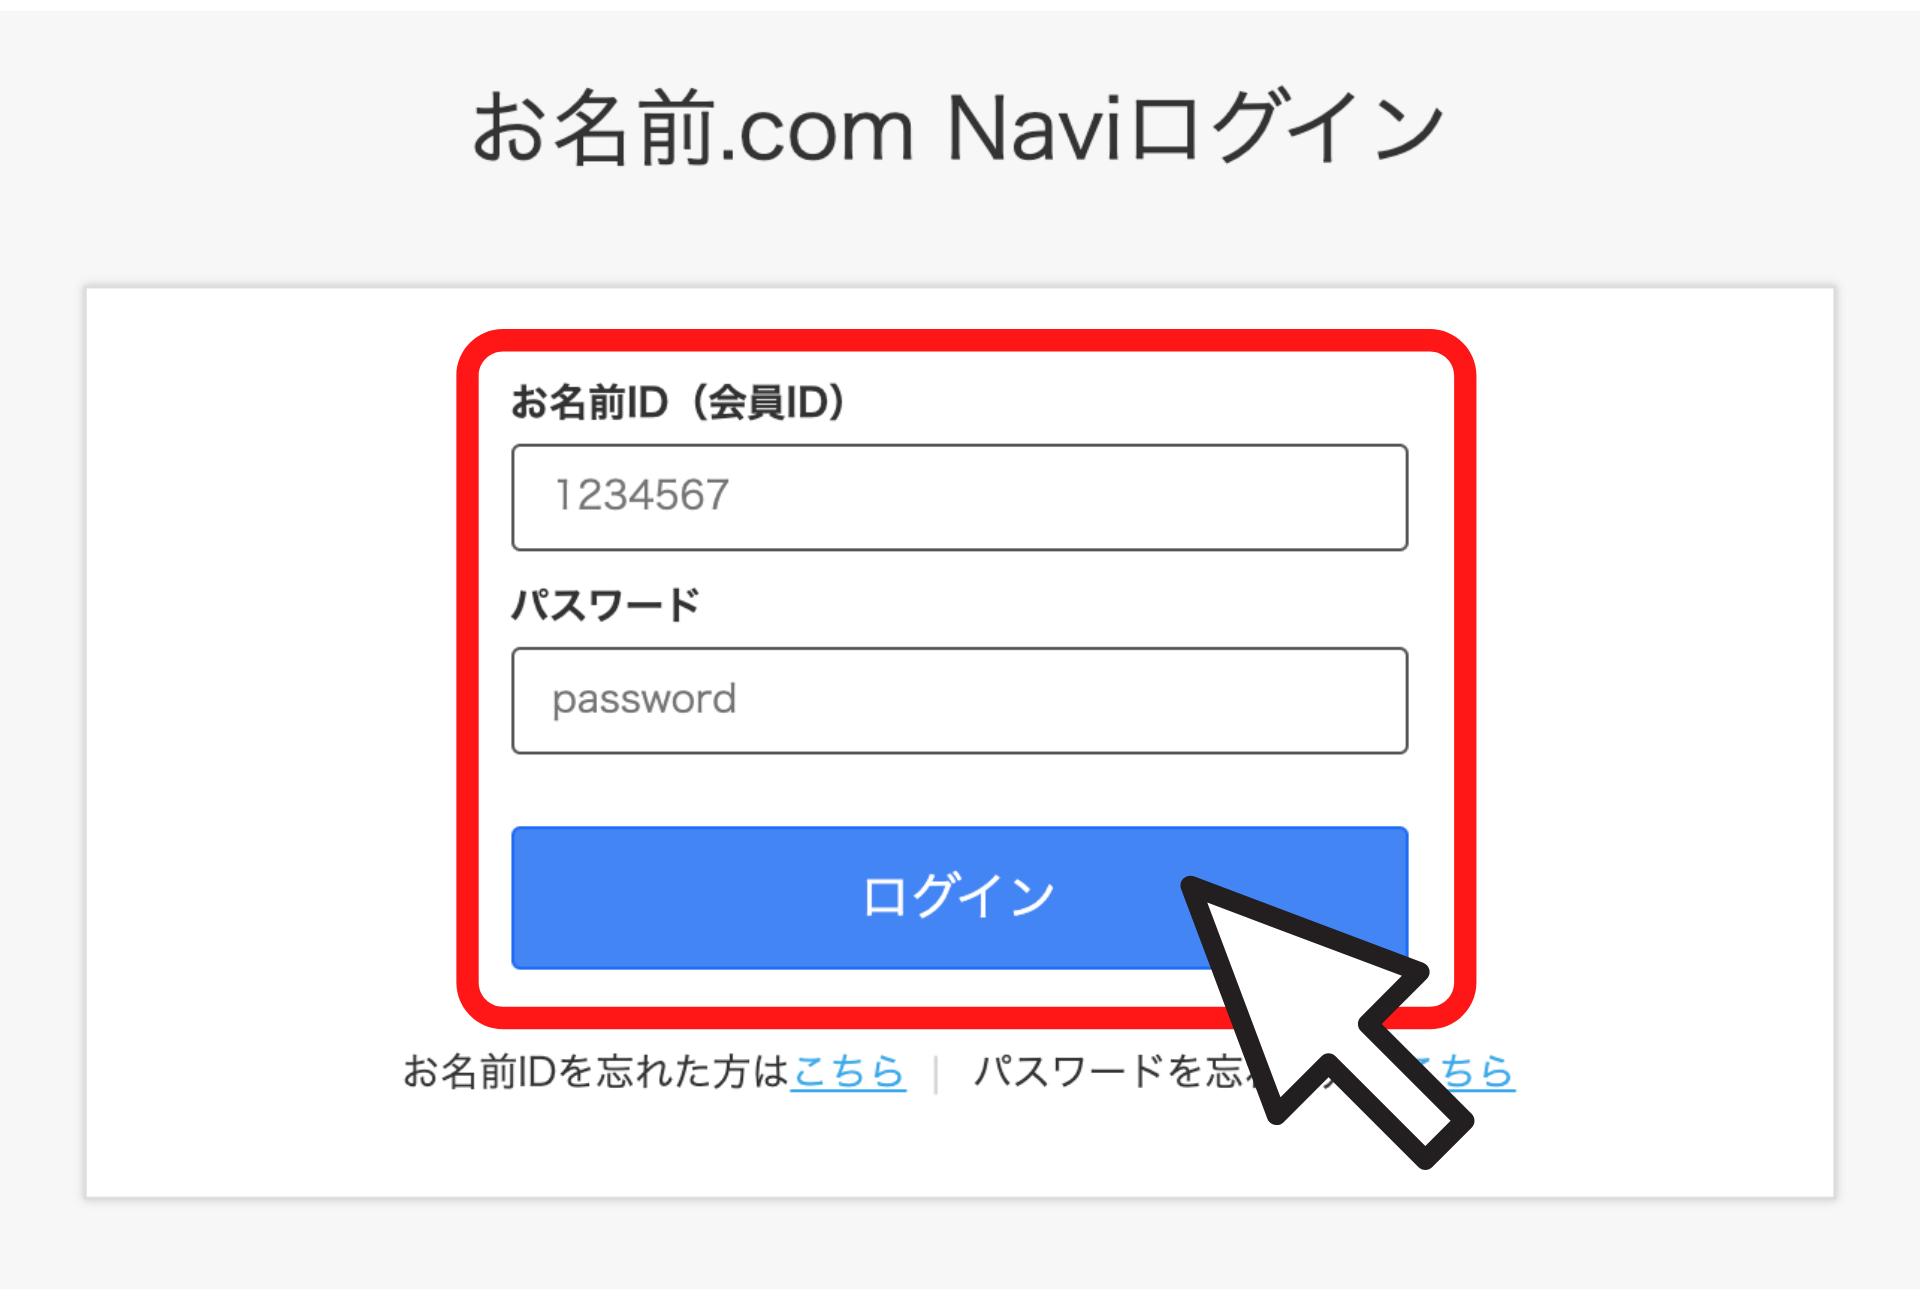 お名前.comでネームサーバーの設定をする